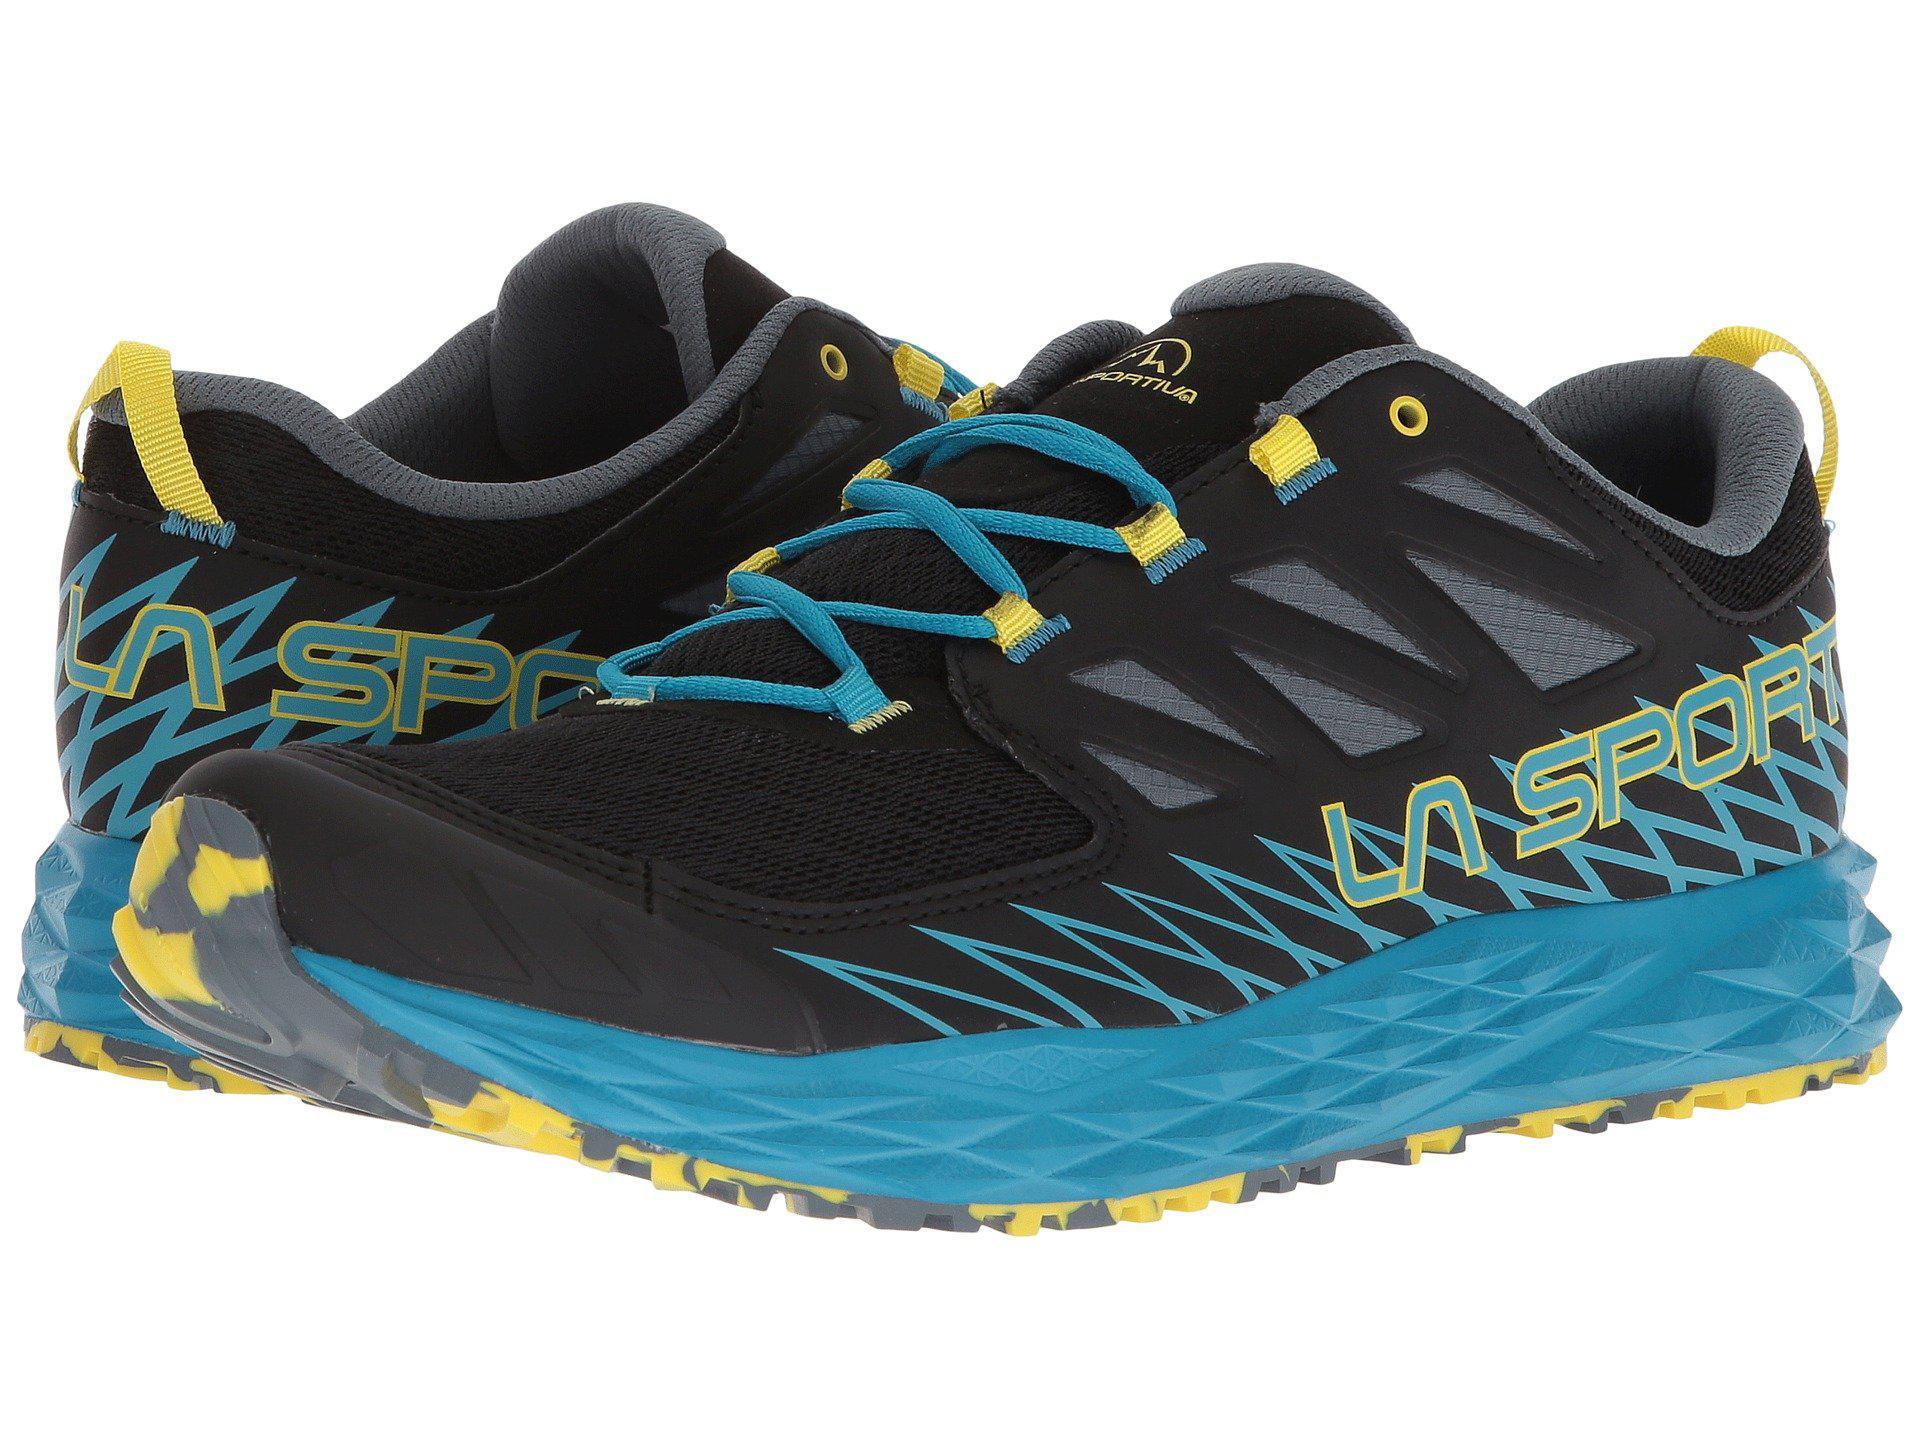 Lyst - La Sportiva Lycan (carbon apple Green) Men s Shoes in Blue ... ec00f5f7bd9